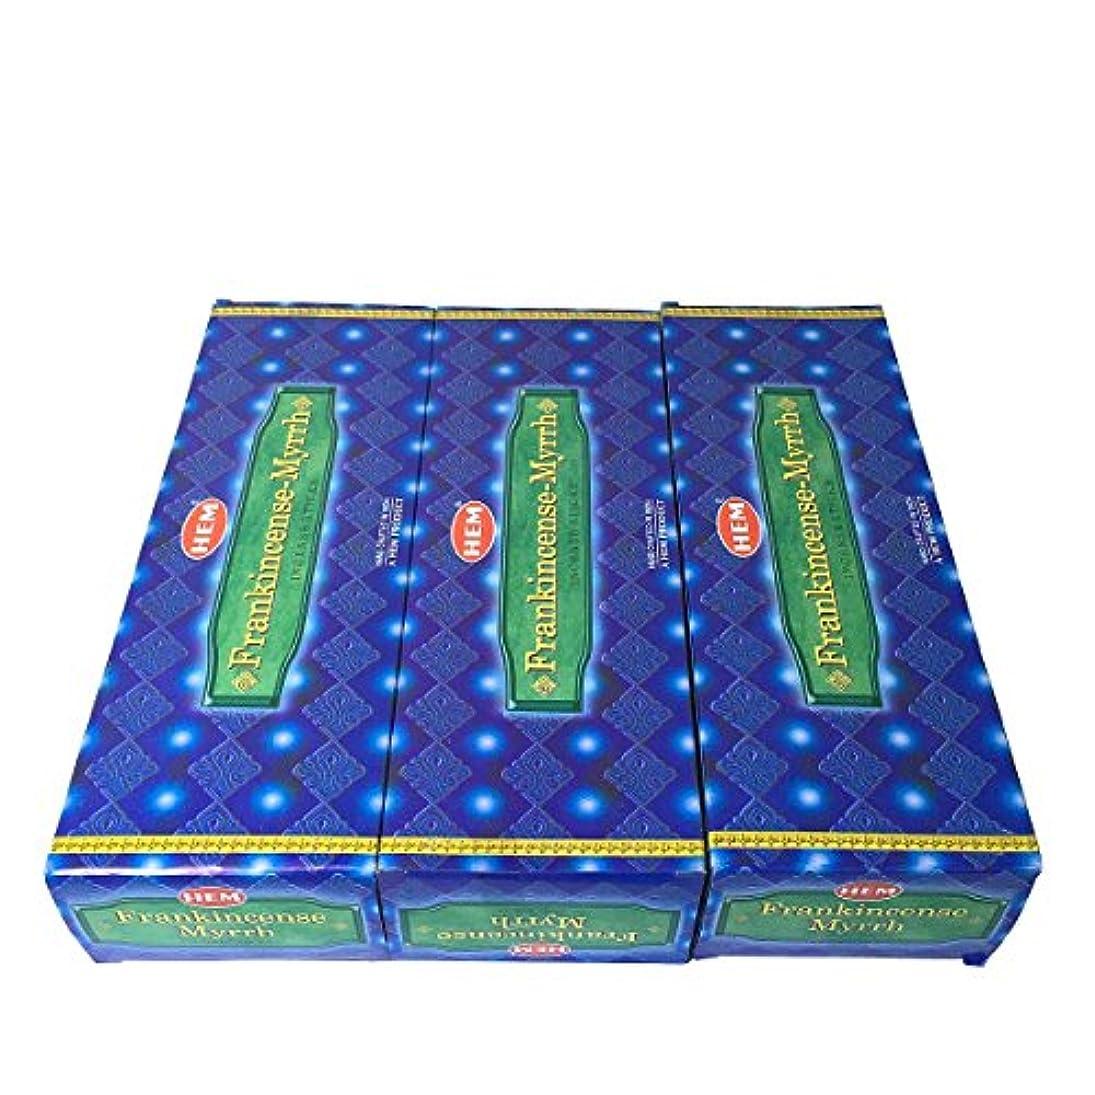 静けさ狂った契約フランキンセンス ミルラ香スティック 3BOX(18箱) /HEM FRANKINCENSE MYRRH/インセンス/インド香 お香 [並行輸入品]